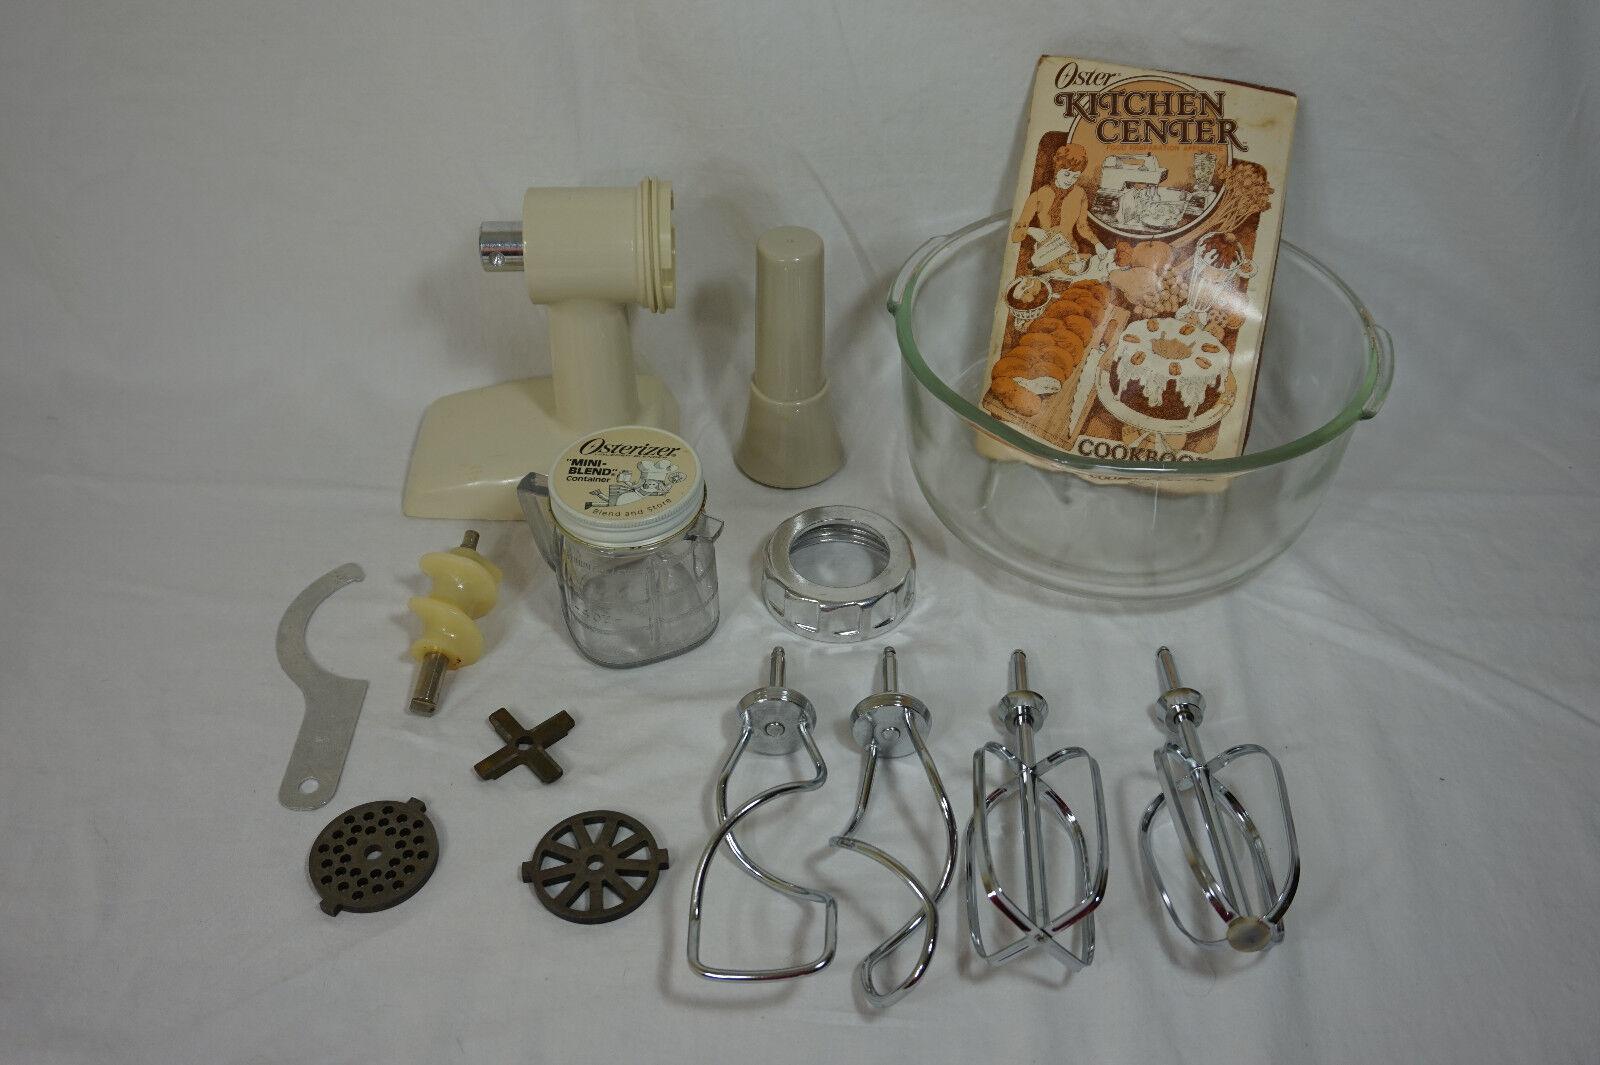 OSTER Kitchen Center FOOD GRINDER Lrg Bowl COOKBOOK Beaters & Hooks MORE